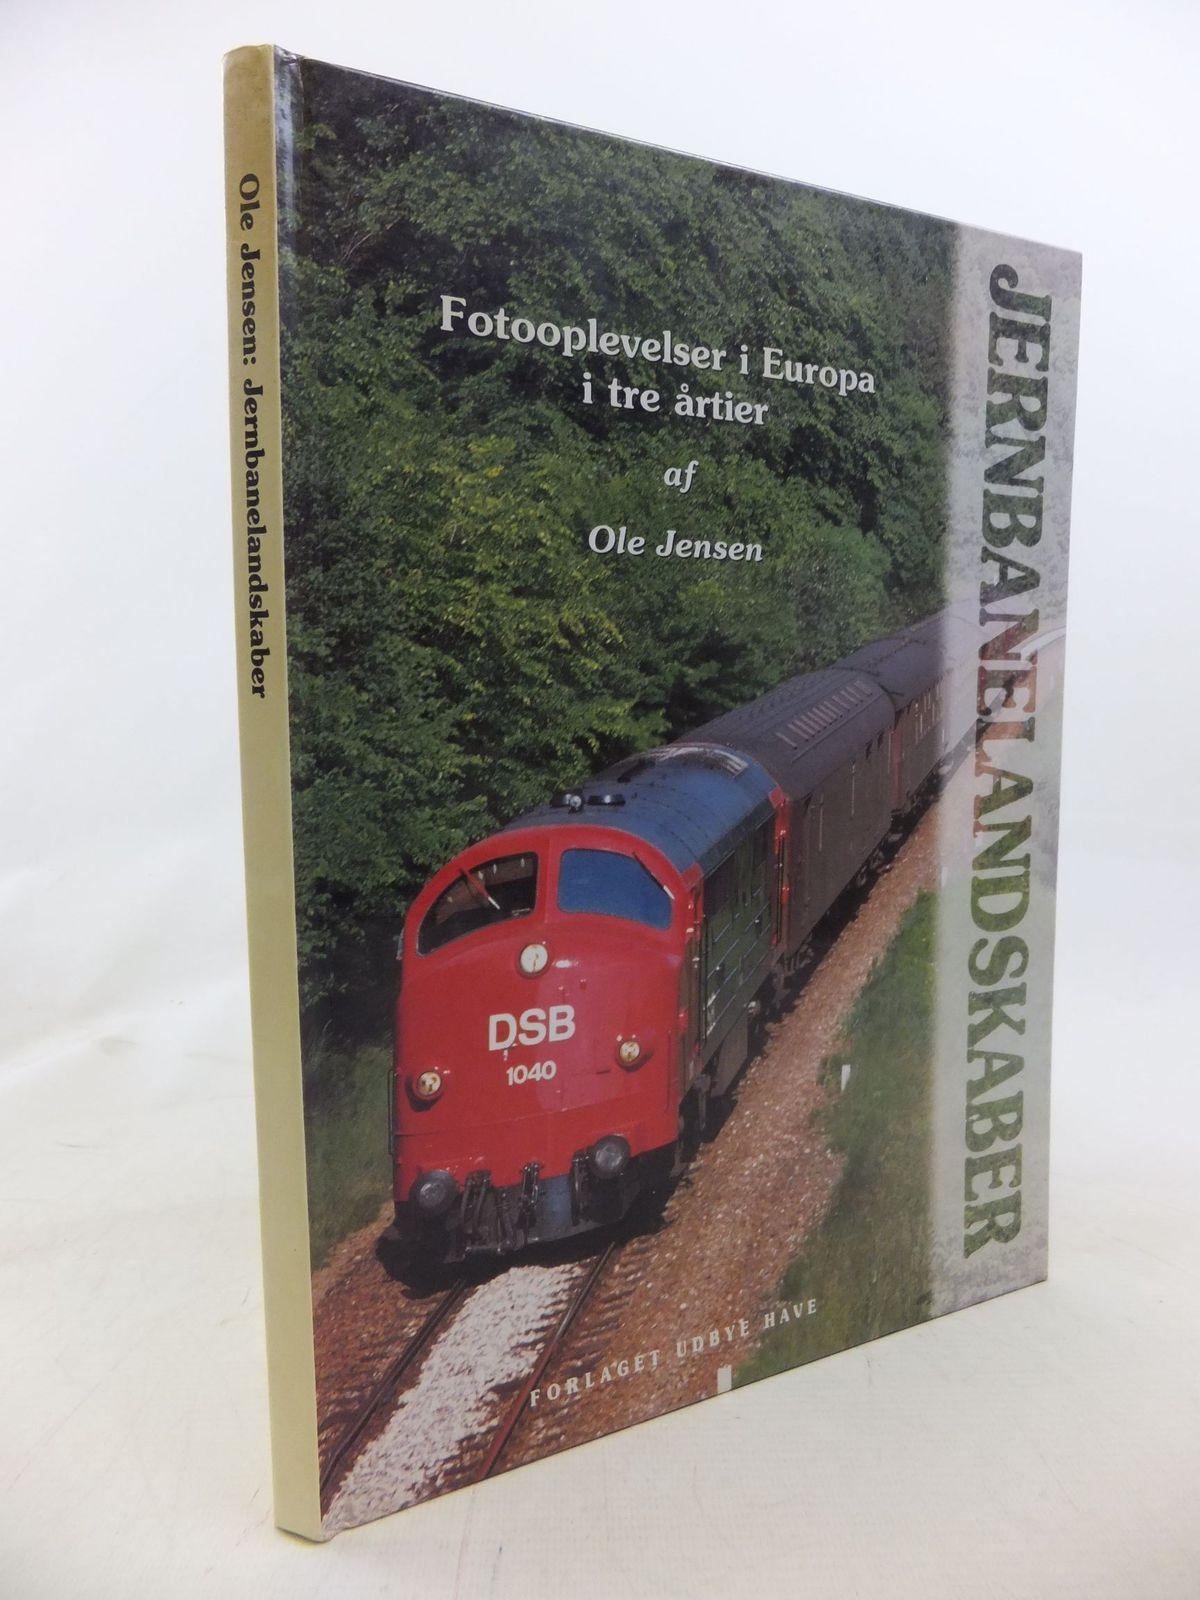 Photo of JERNBANELANDSKABER FOTOOPLEVELSER I EUROPA I TRE ARTIER written by Jensen, Ole published by Forlaget Udbye Have (STOCK CODE: 1712021)  for sale by Stella & Rose's Books